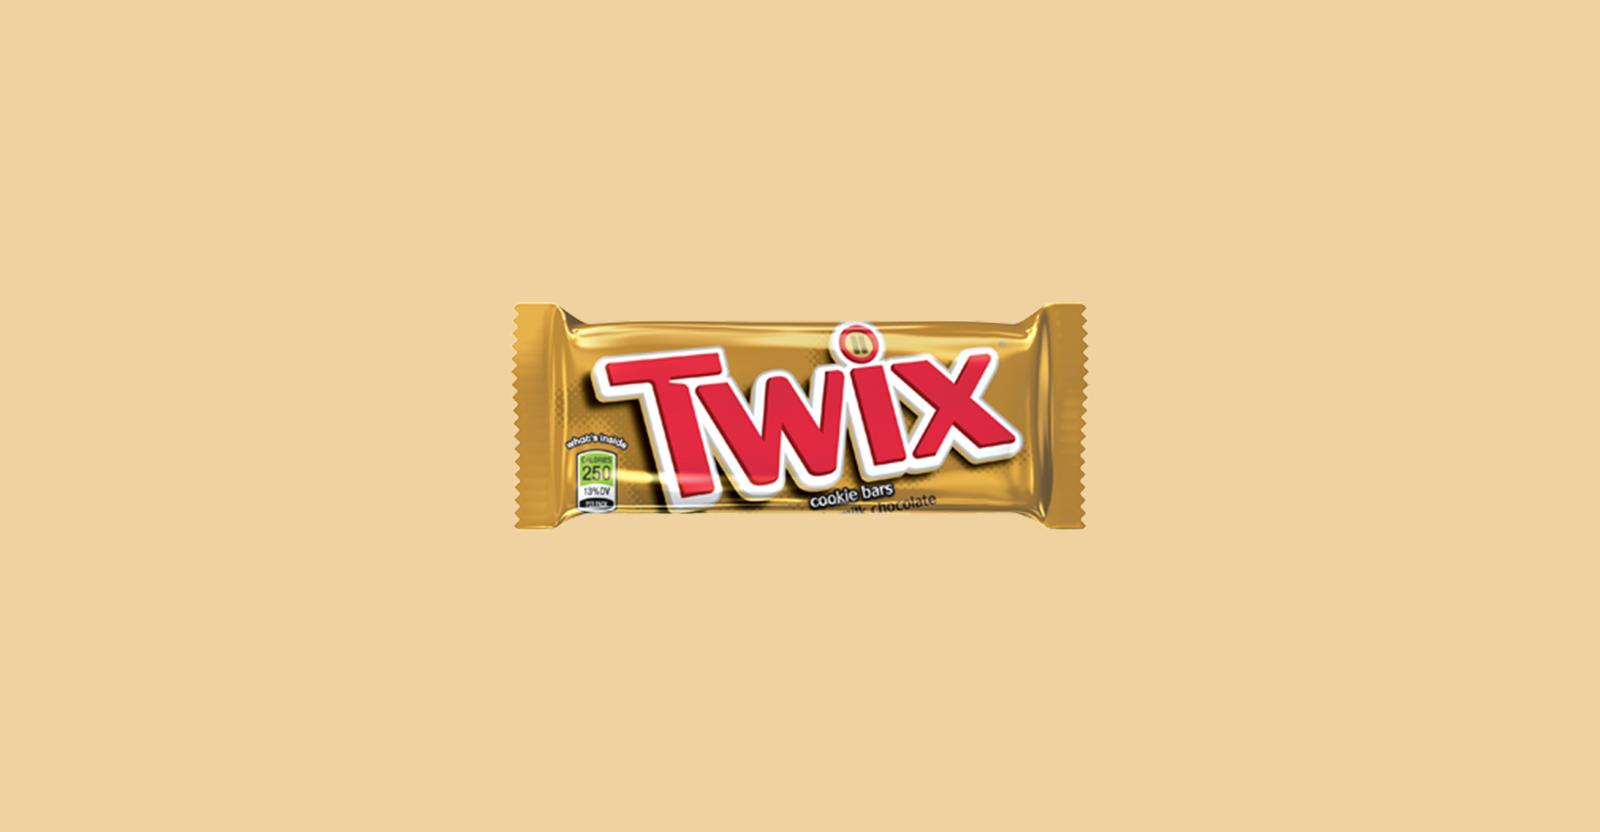 are twix gluten-free